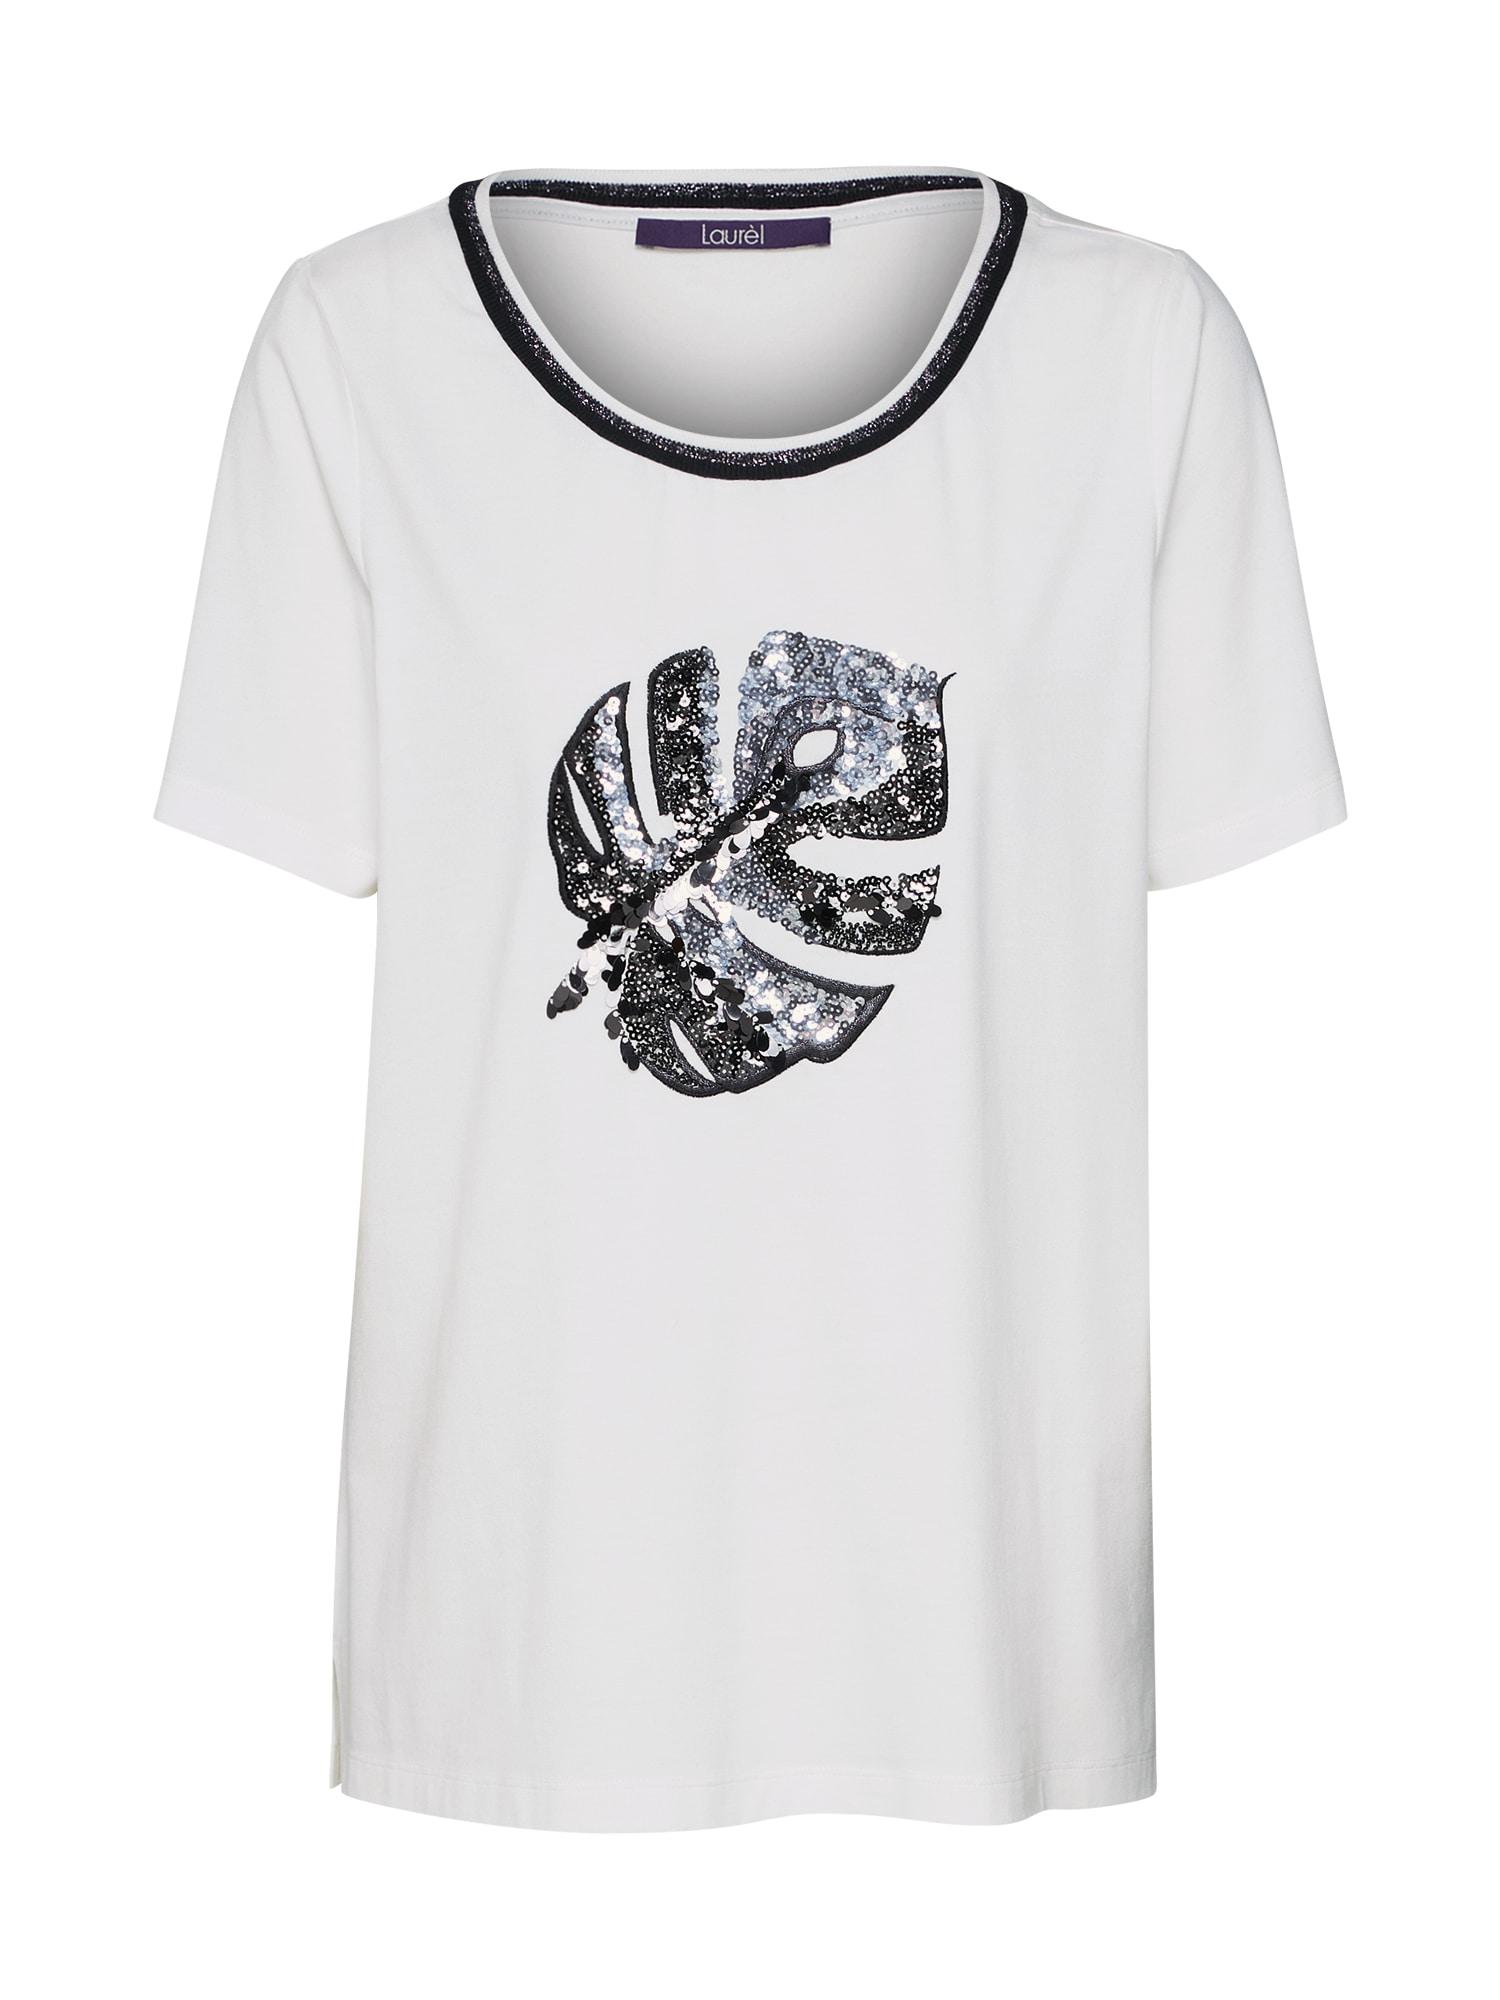 Tričko 41033 černá bílá LAUREL